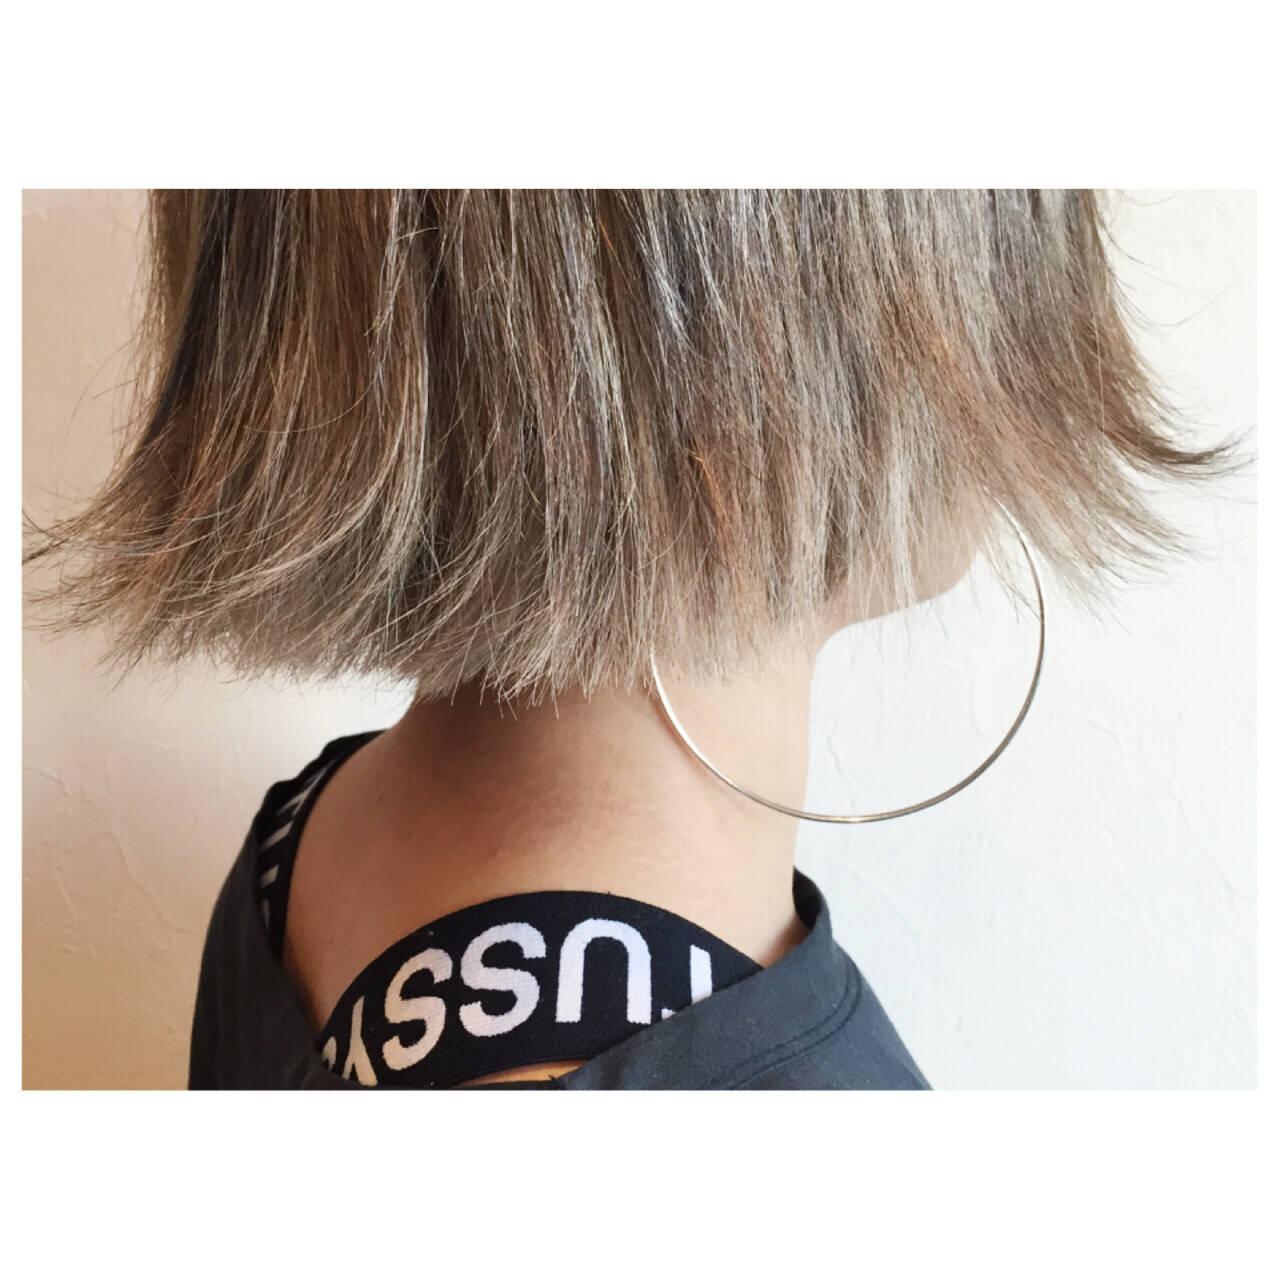 アッシュ グラデーションカラー ハイライト 外ハネヘアスタイルや髪型の写真・画像